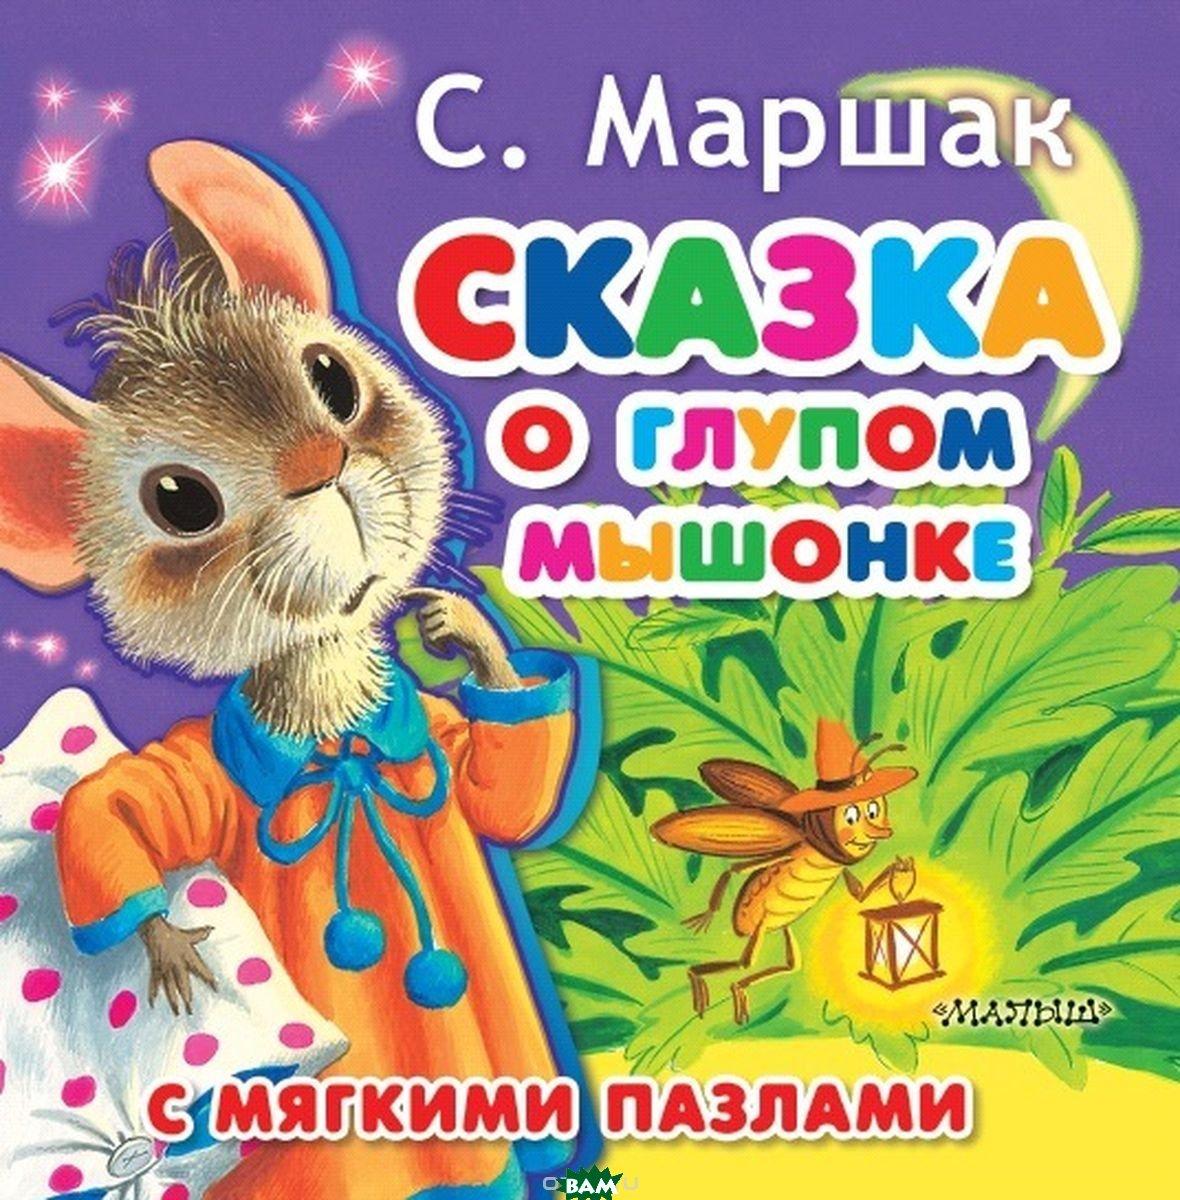 Сказка о глупом мышонке, АСТ, С. Я. Маршак, 978-5-17-109277-1  - купить со скидкой